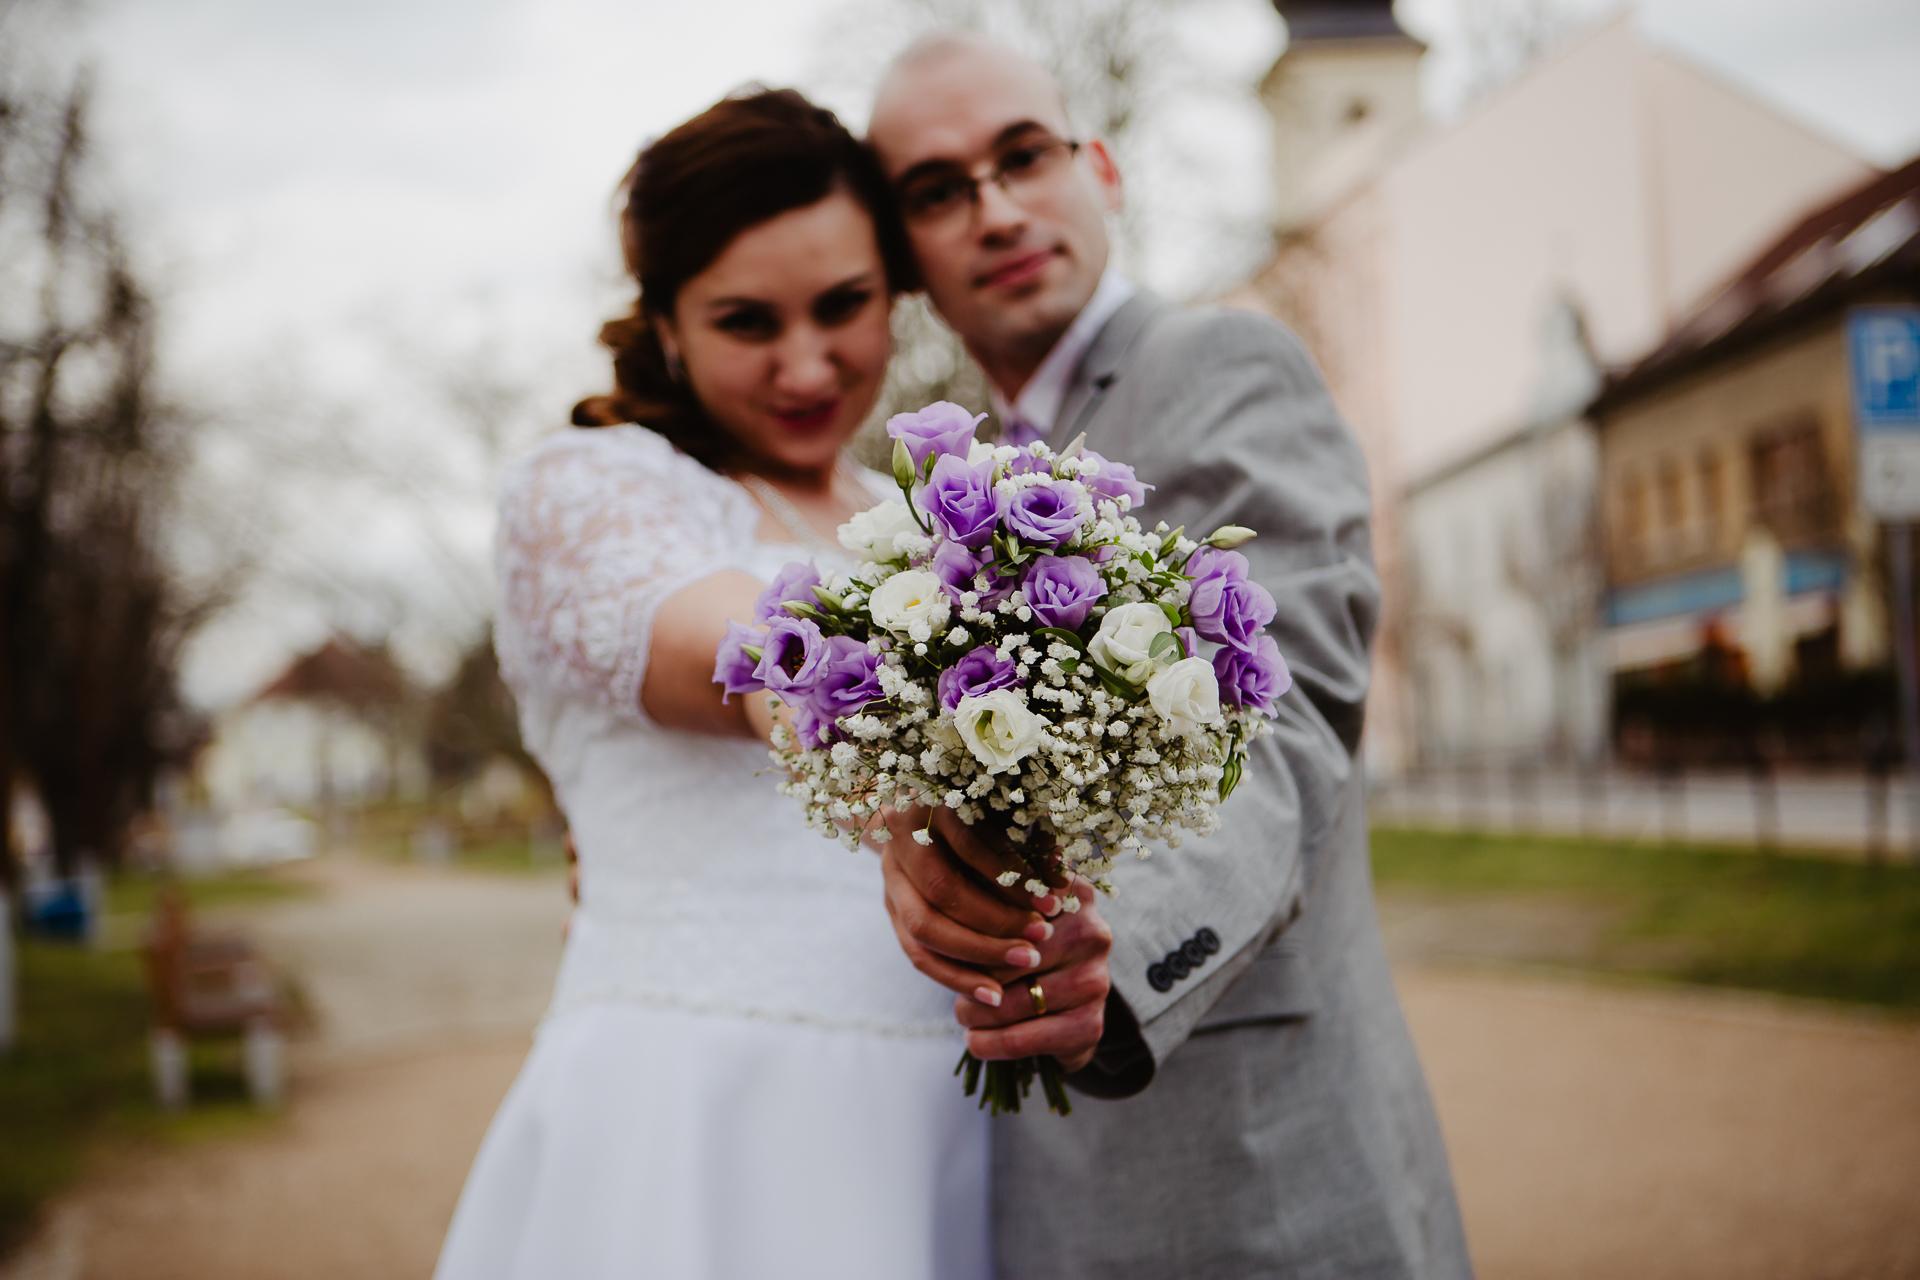 portrétní svatební fotografování Studio Beautyfoto Lysá nad Labem, zimní svatba Lysá nad Labem, svatba na radnici Lysá nad Labem